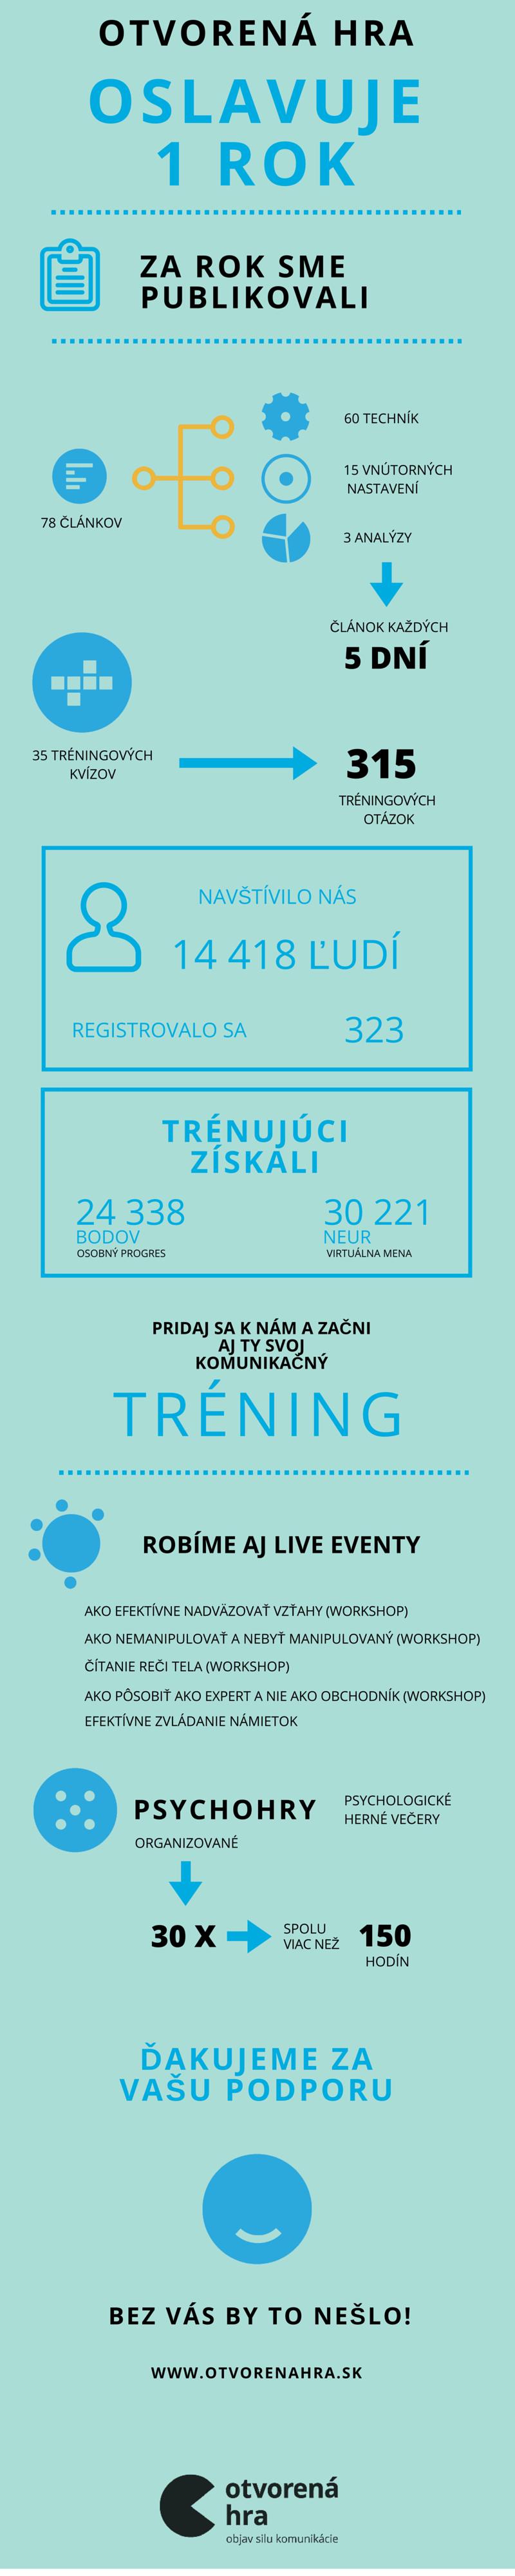 infografika 1. narodeniny Otvorenej Hry